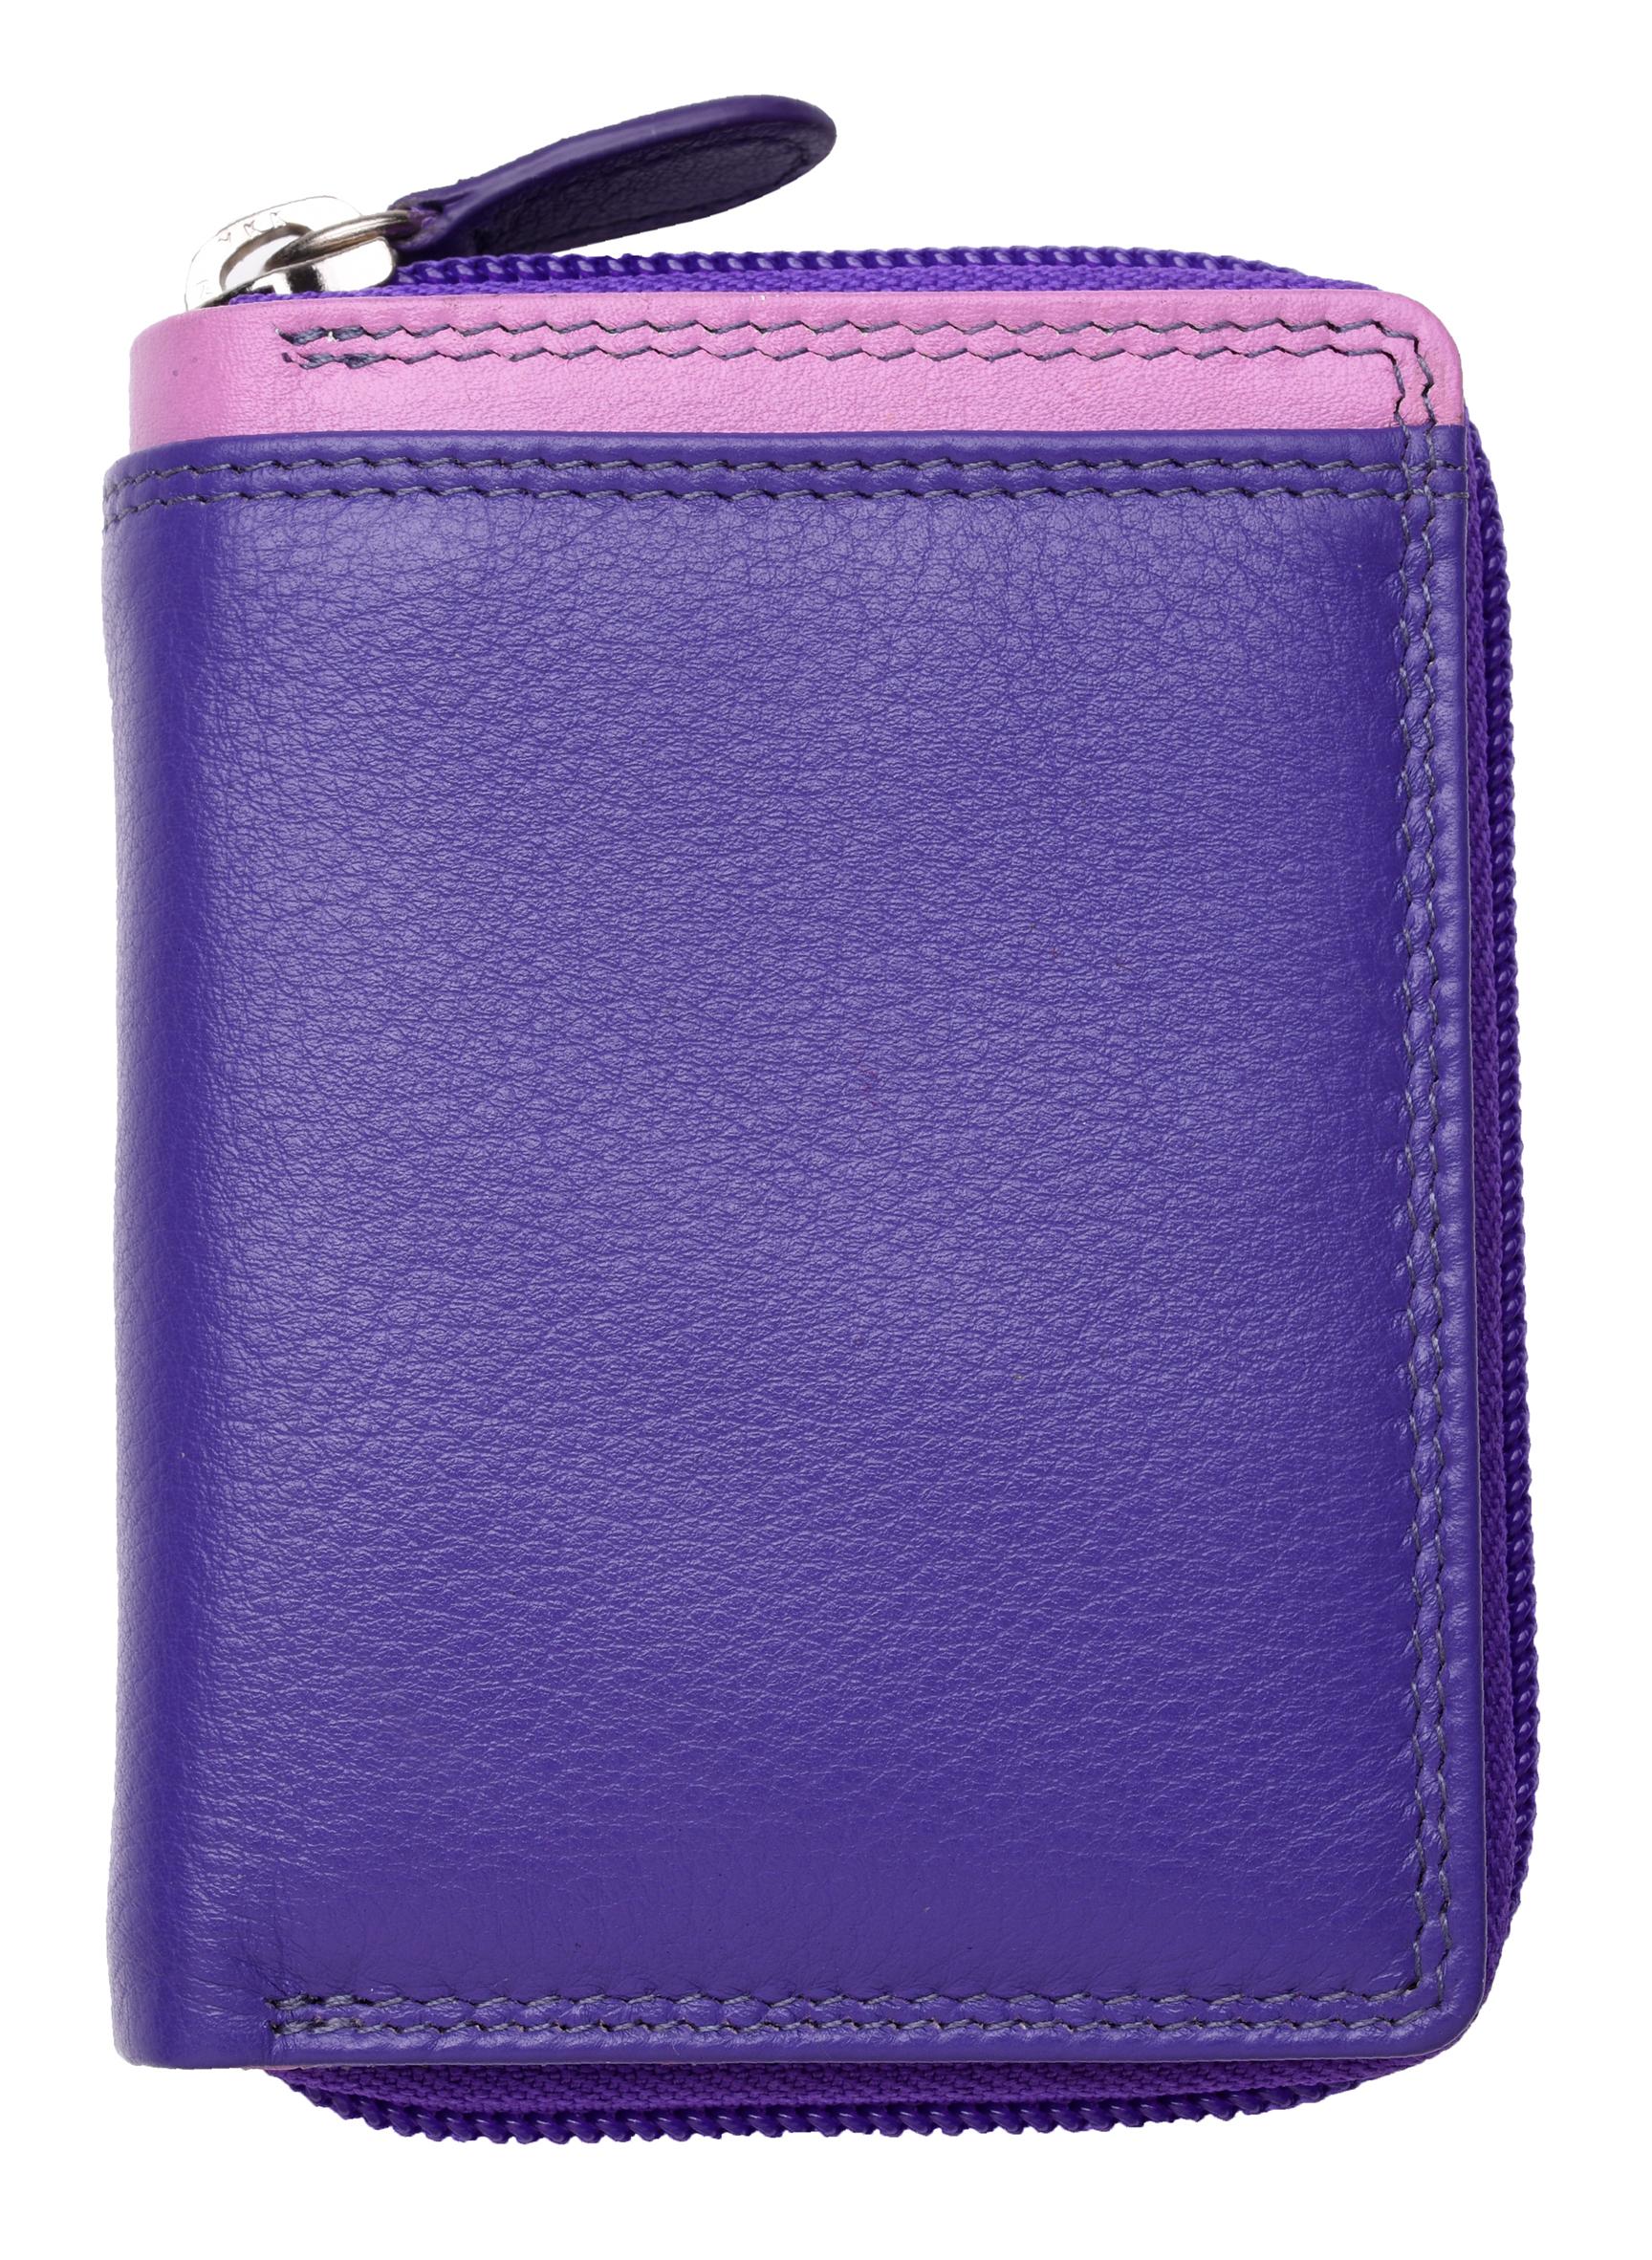 Femme-Femmes-RFID-Bloquant-en-Cuir-Veritable-Petit-Sac-a-main-portefeuille-vert-rose-rouge miniature 33